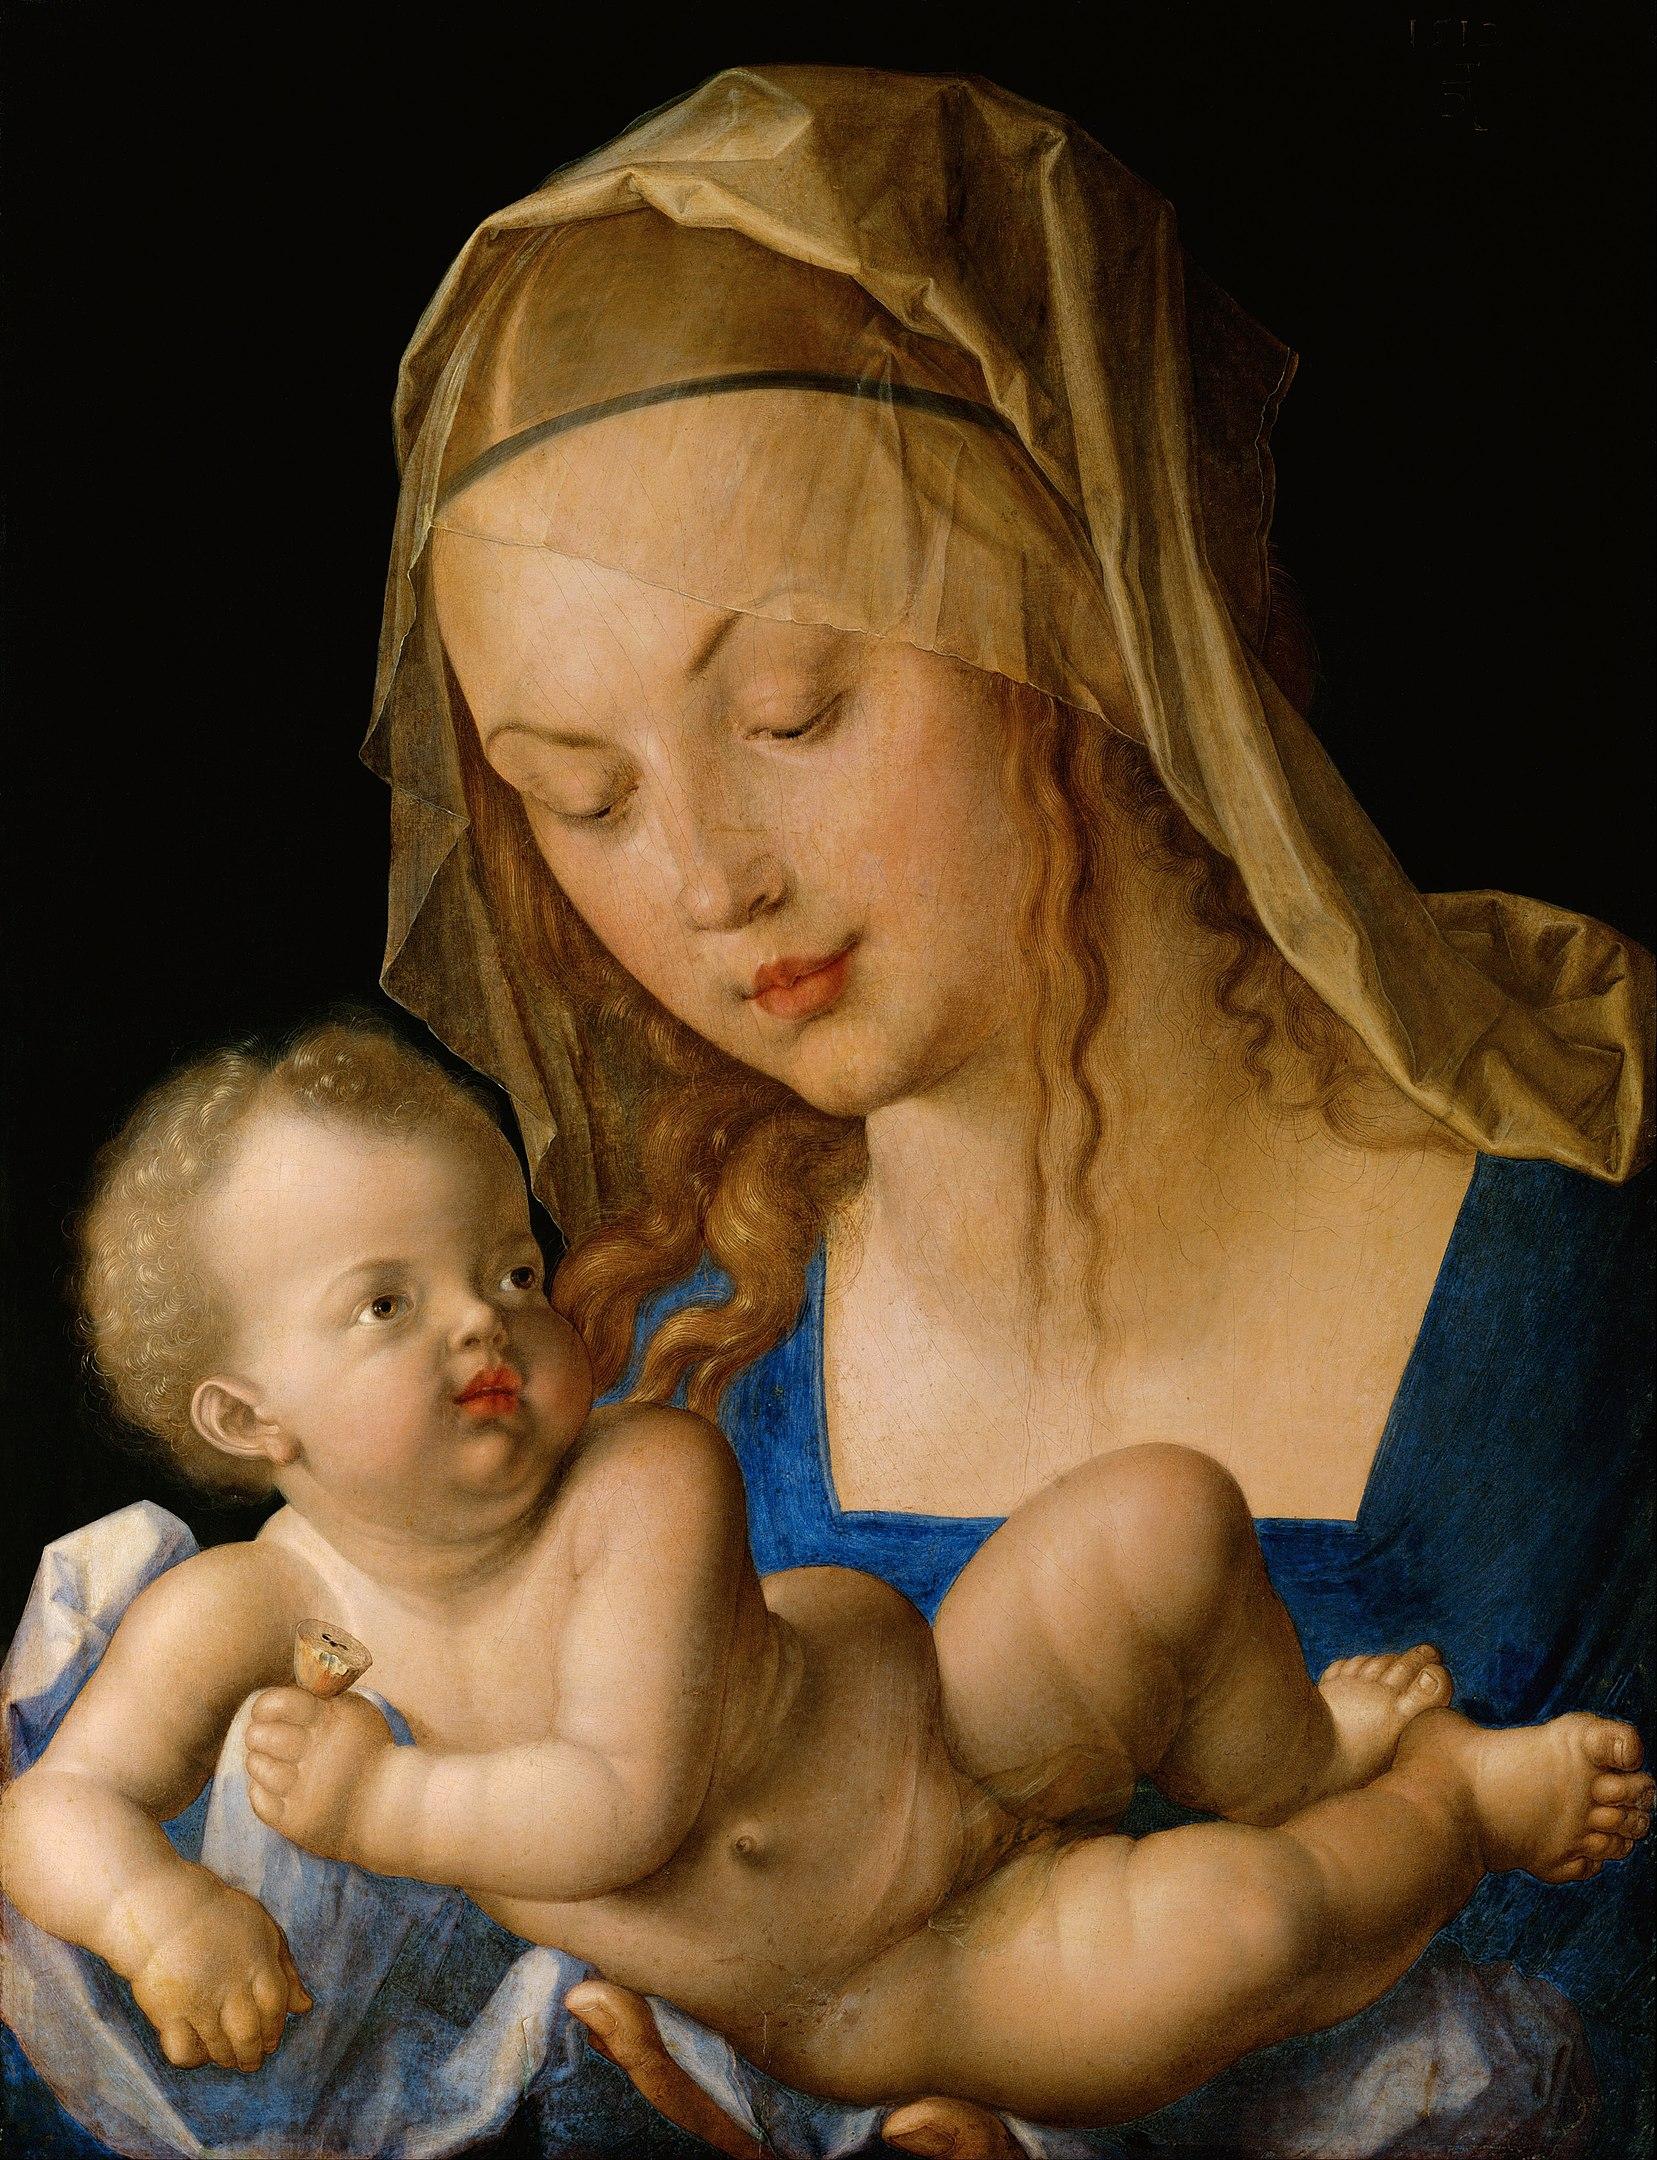 """Albrecht Dürer, """"Maria mit der Birnenschnitte"""" at Google Arts & Culture, Gemeinfrei, https://commons.wikimedia.org/w/index.php?curid=22189461"""